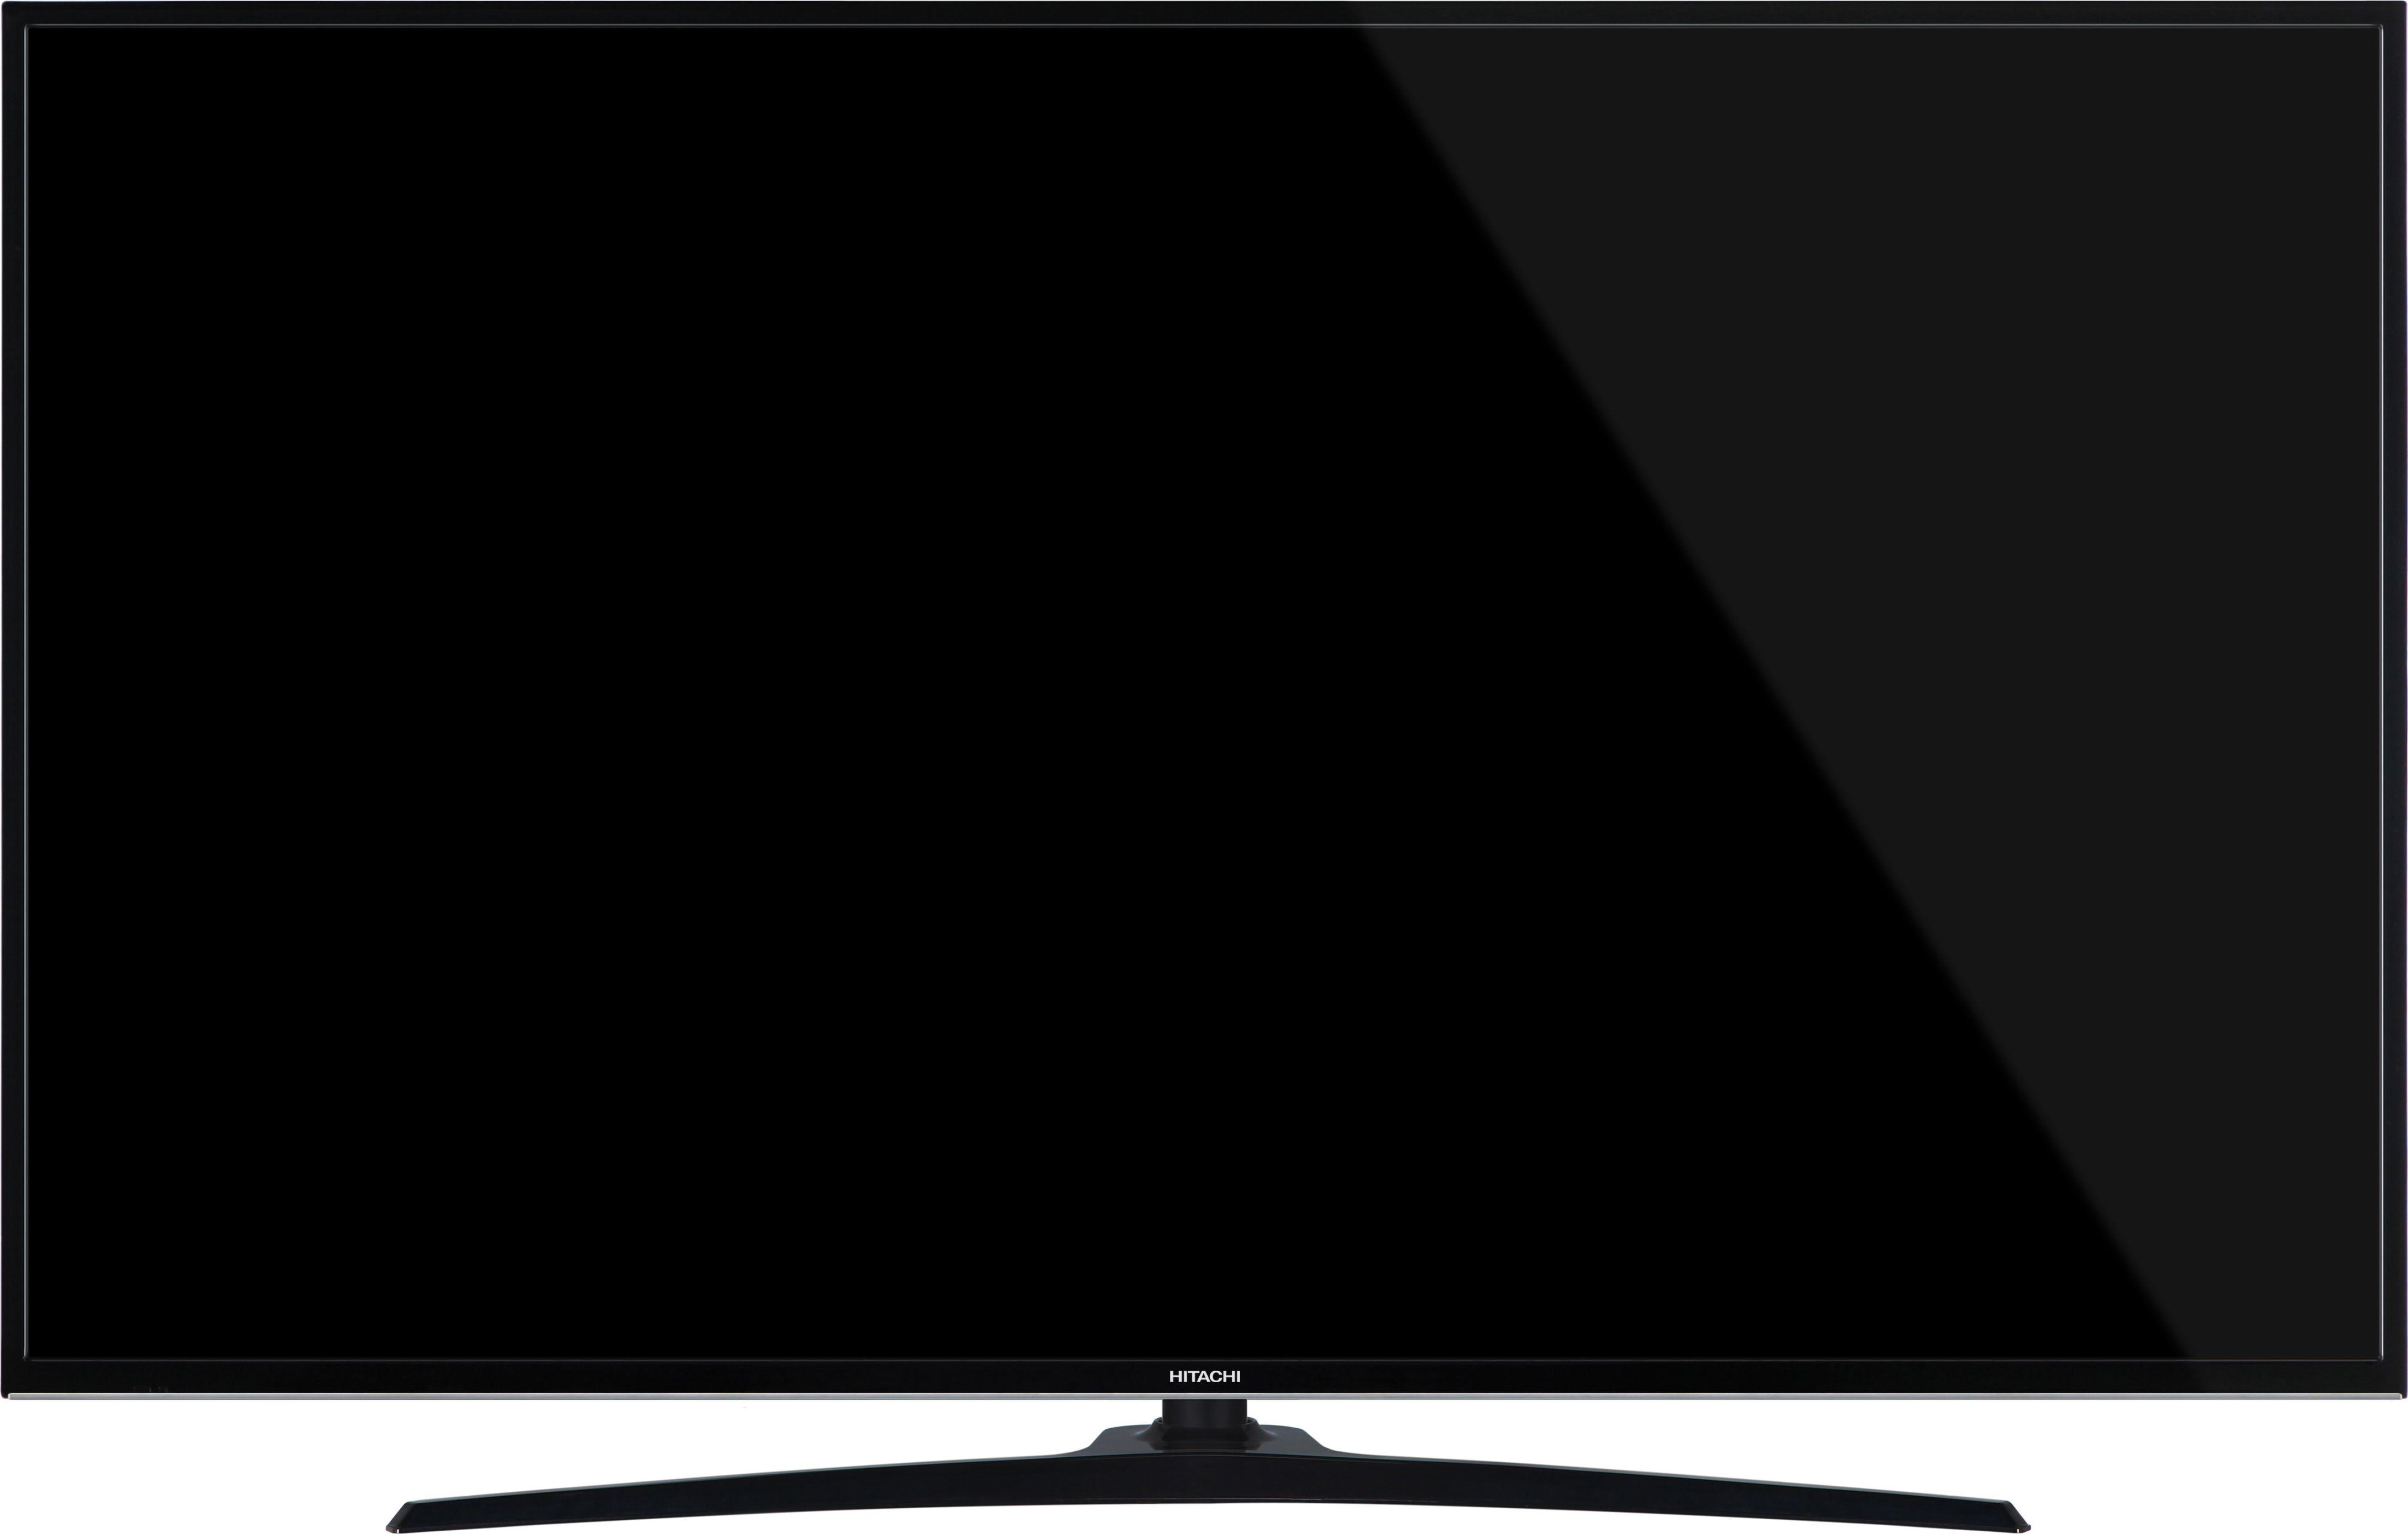 """Hitachi 43HE4000 43"""" (108 cm), Smart TV, Full HD LED, 1920 x 1080 pixels, Wi-Fi, DVB-S/S2, Black LED Televizors"""